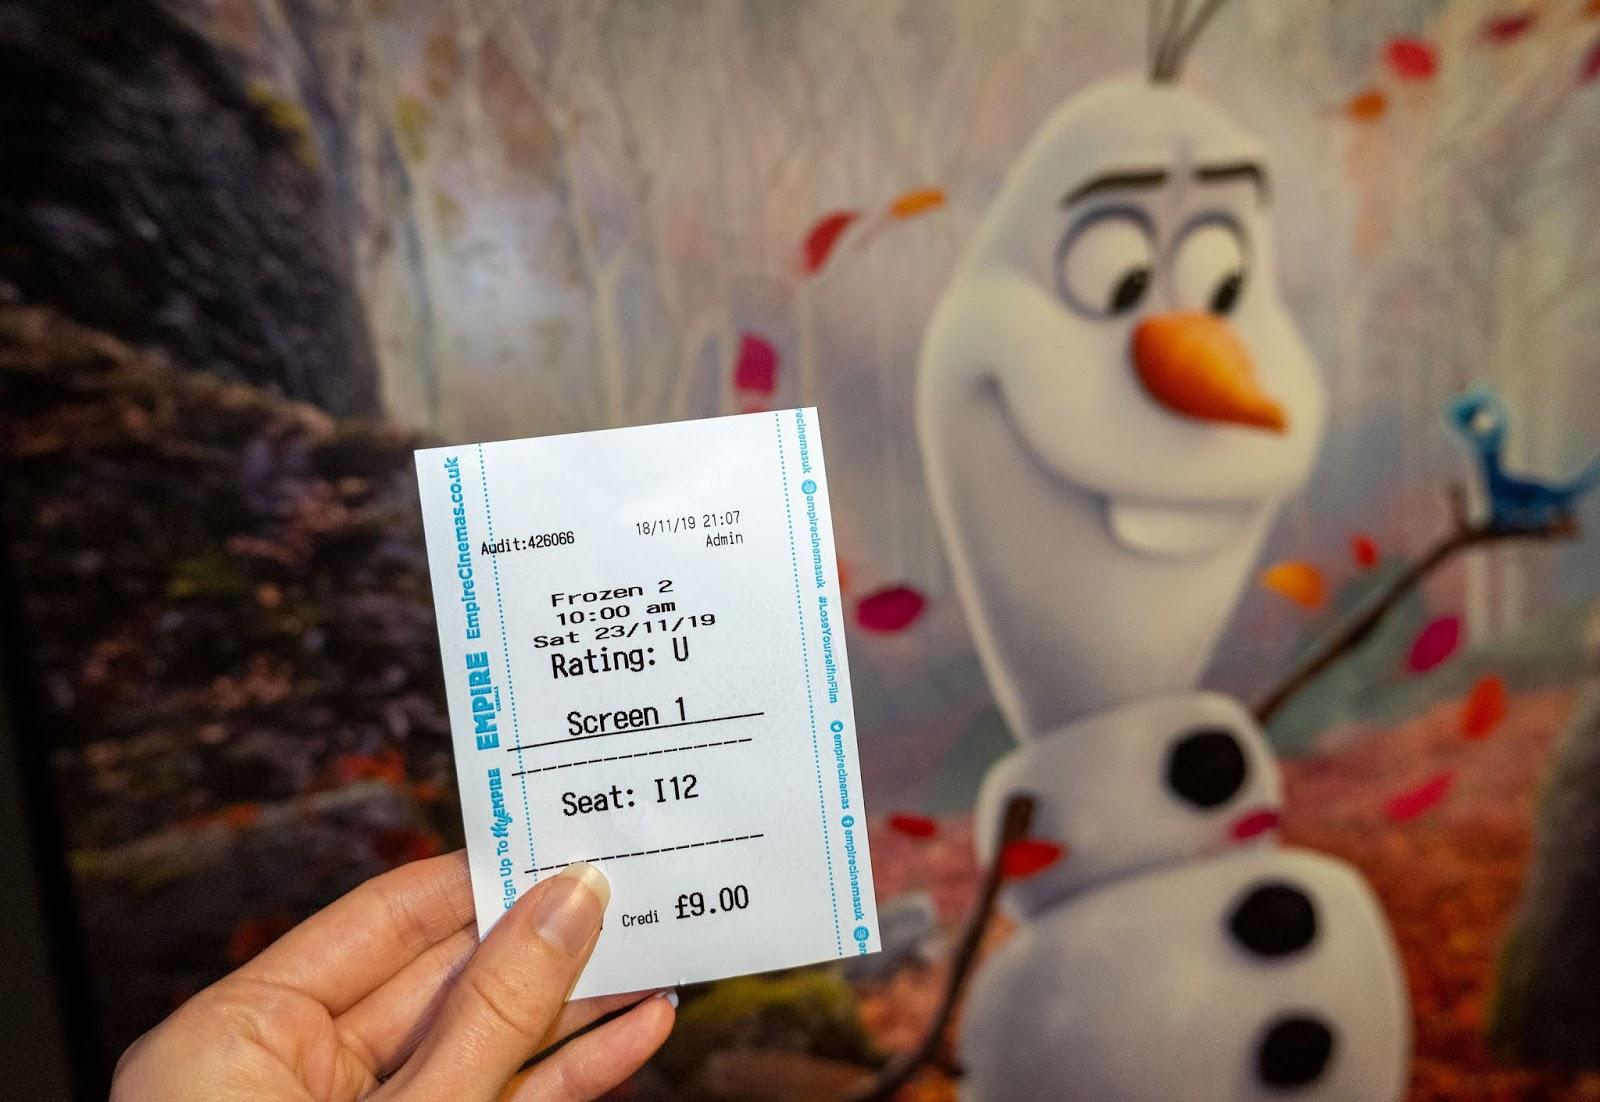 My Frozen 2 cinema ticket